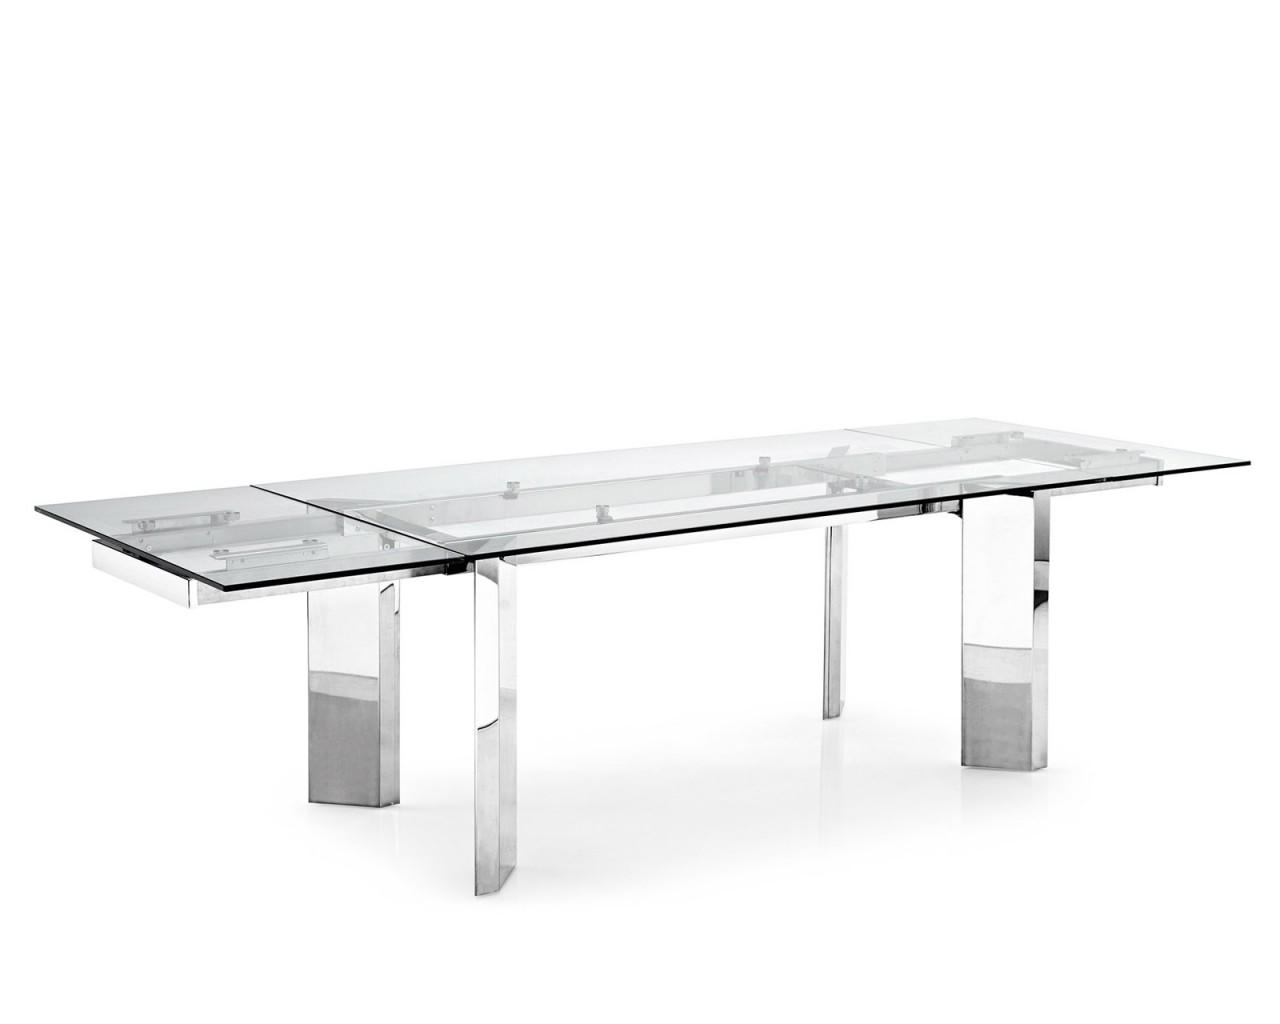 Tower tavolo allungabile tavoli torino calligaris arredamenti traiano - Tavolo calligaris in vetro ...